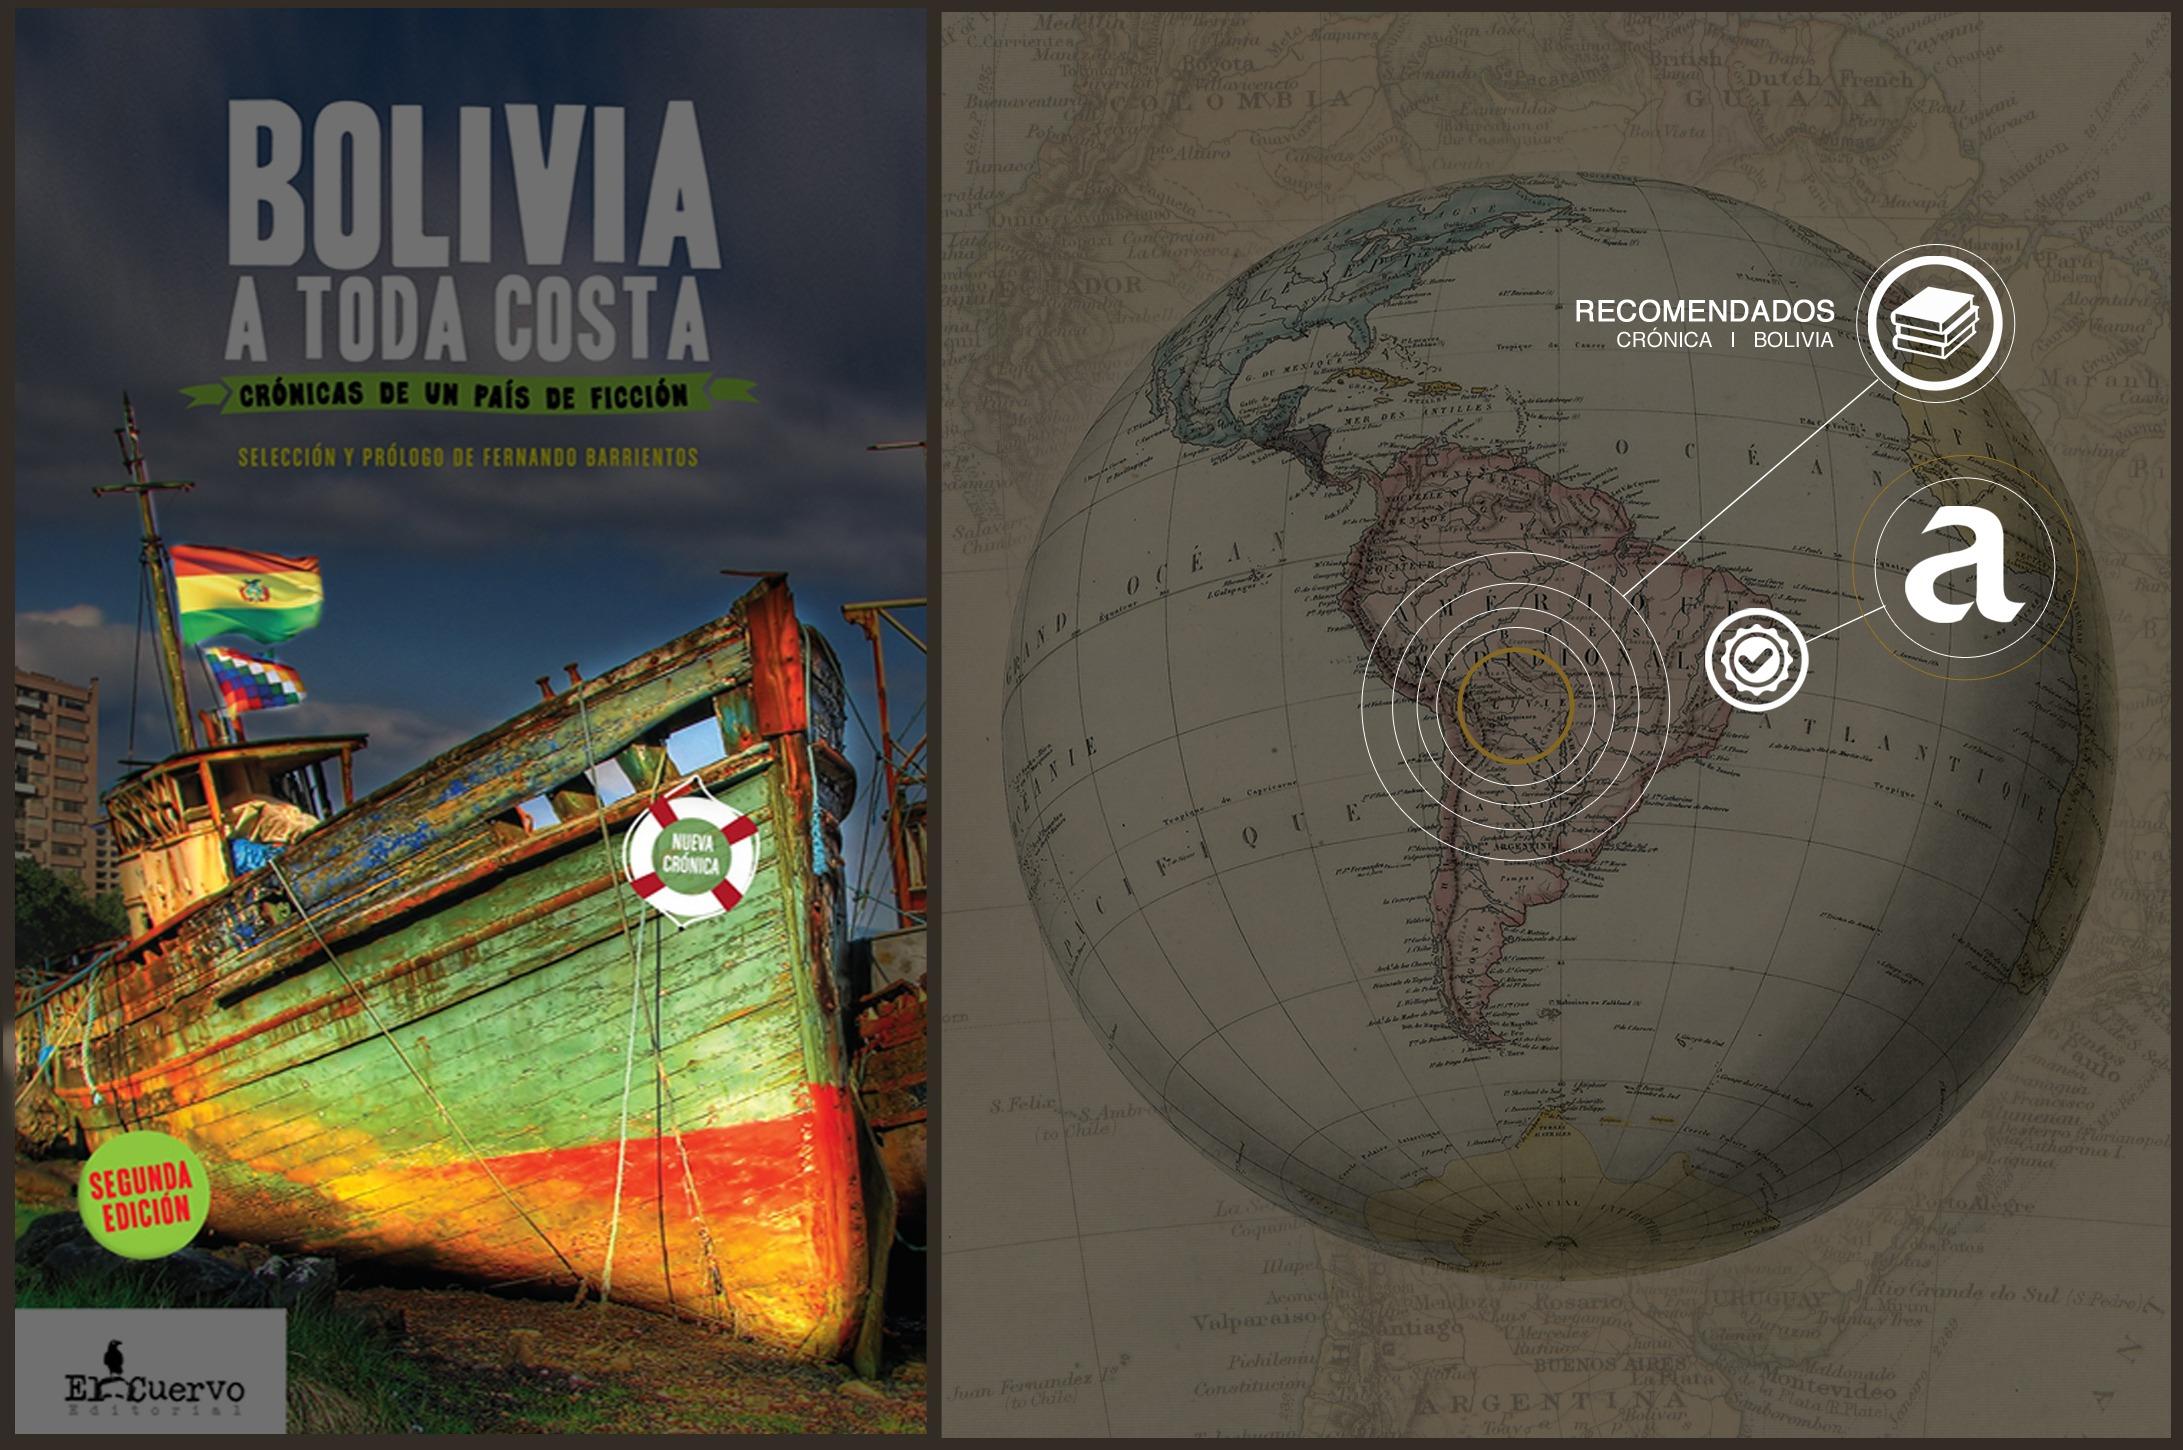 Bolivia a toda costa